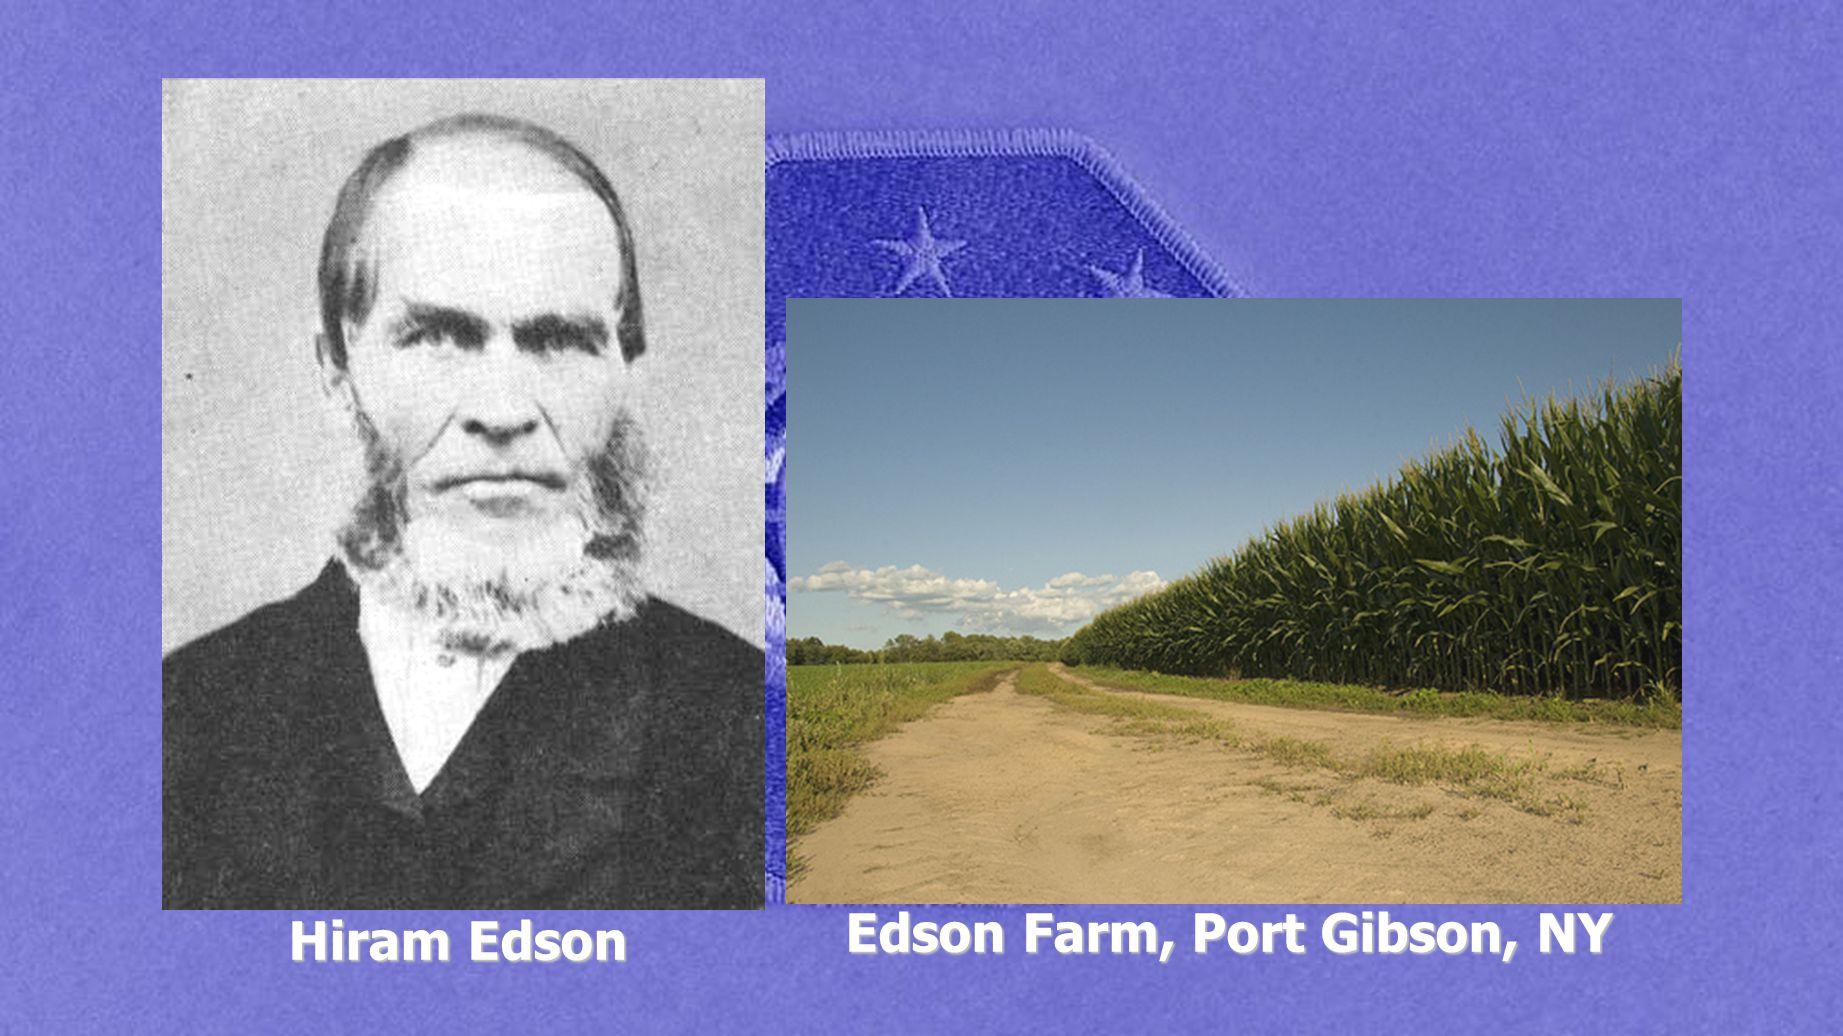 Edson Farm, Port Gibson, NY